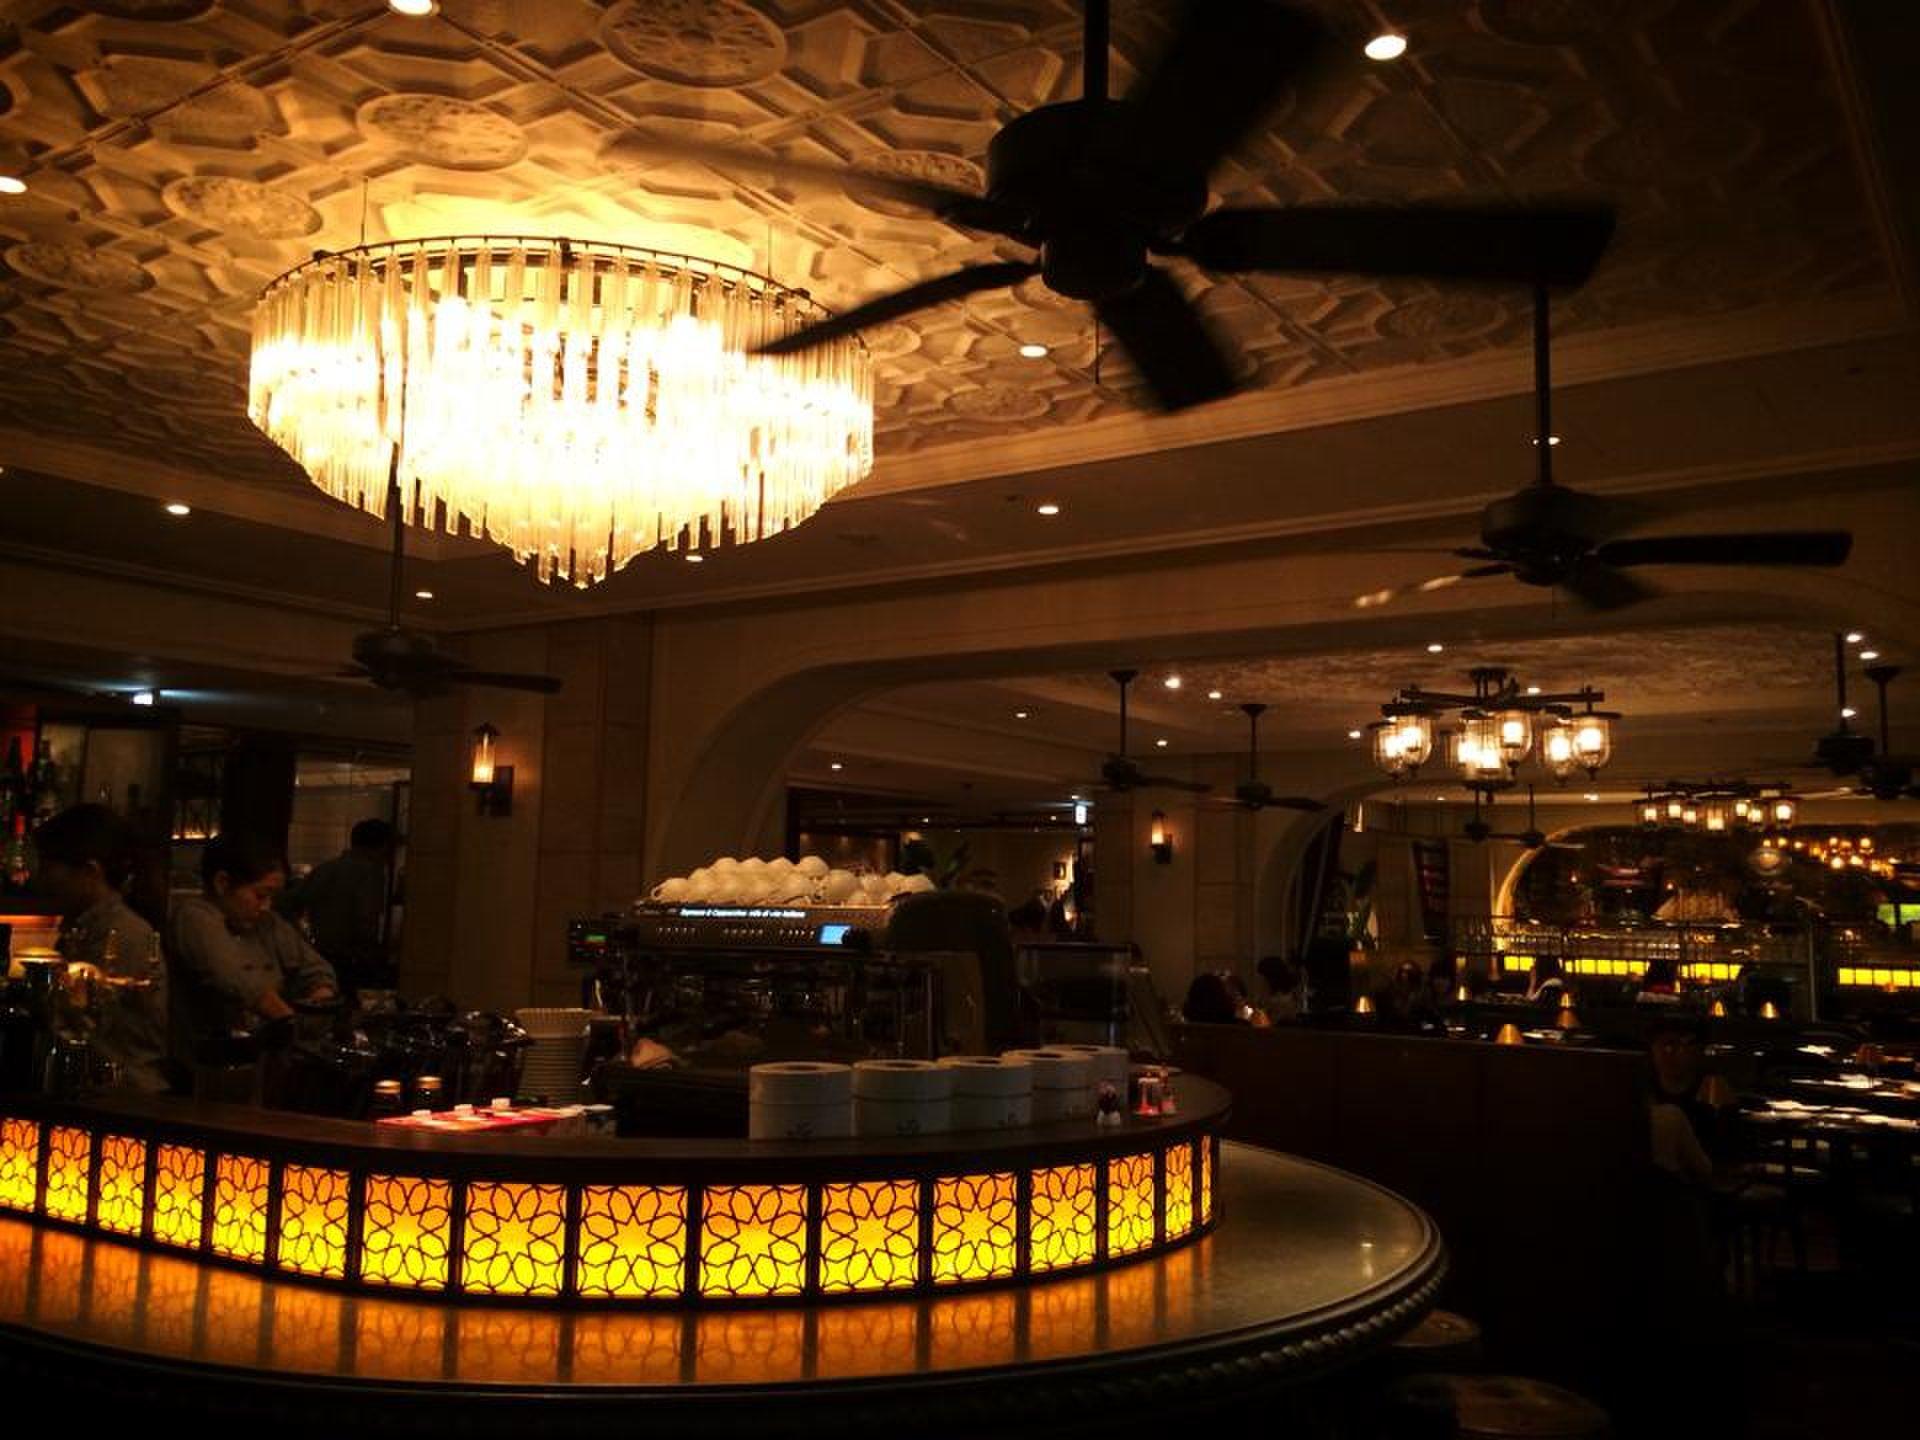 ホテルと名が付いているけど宿泊施設がない。。。シックスバイオリエンタルホテルの極上カレー。